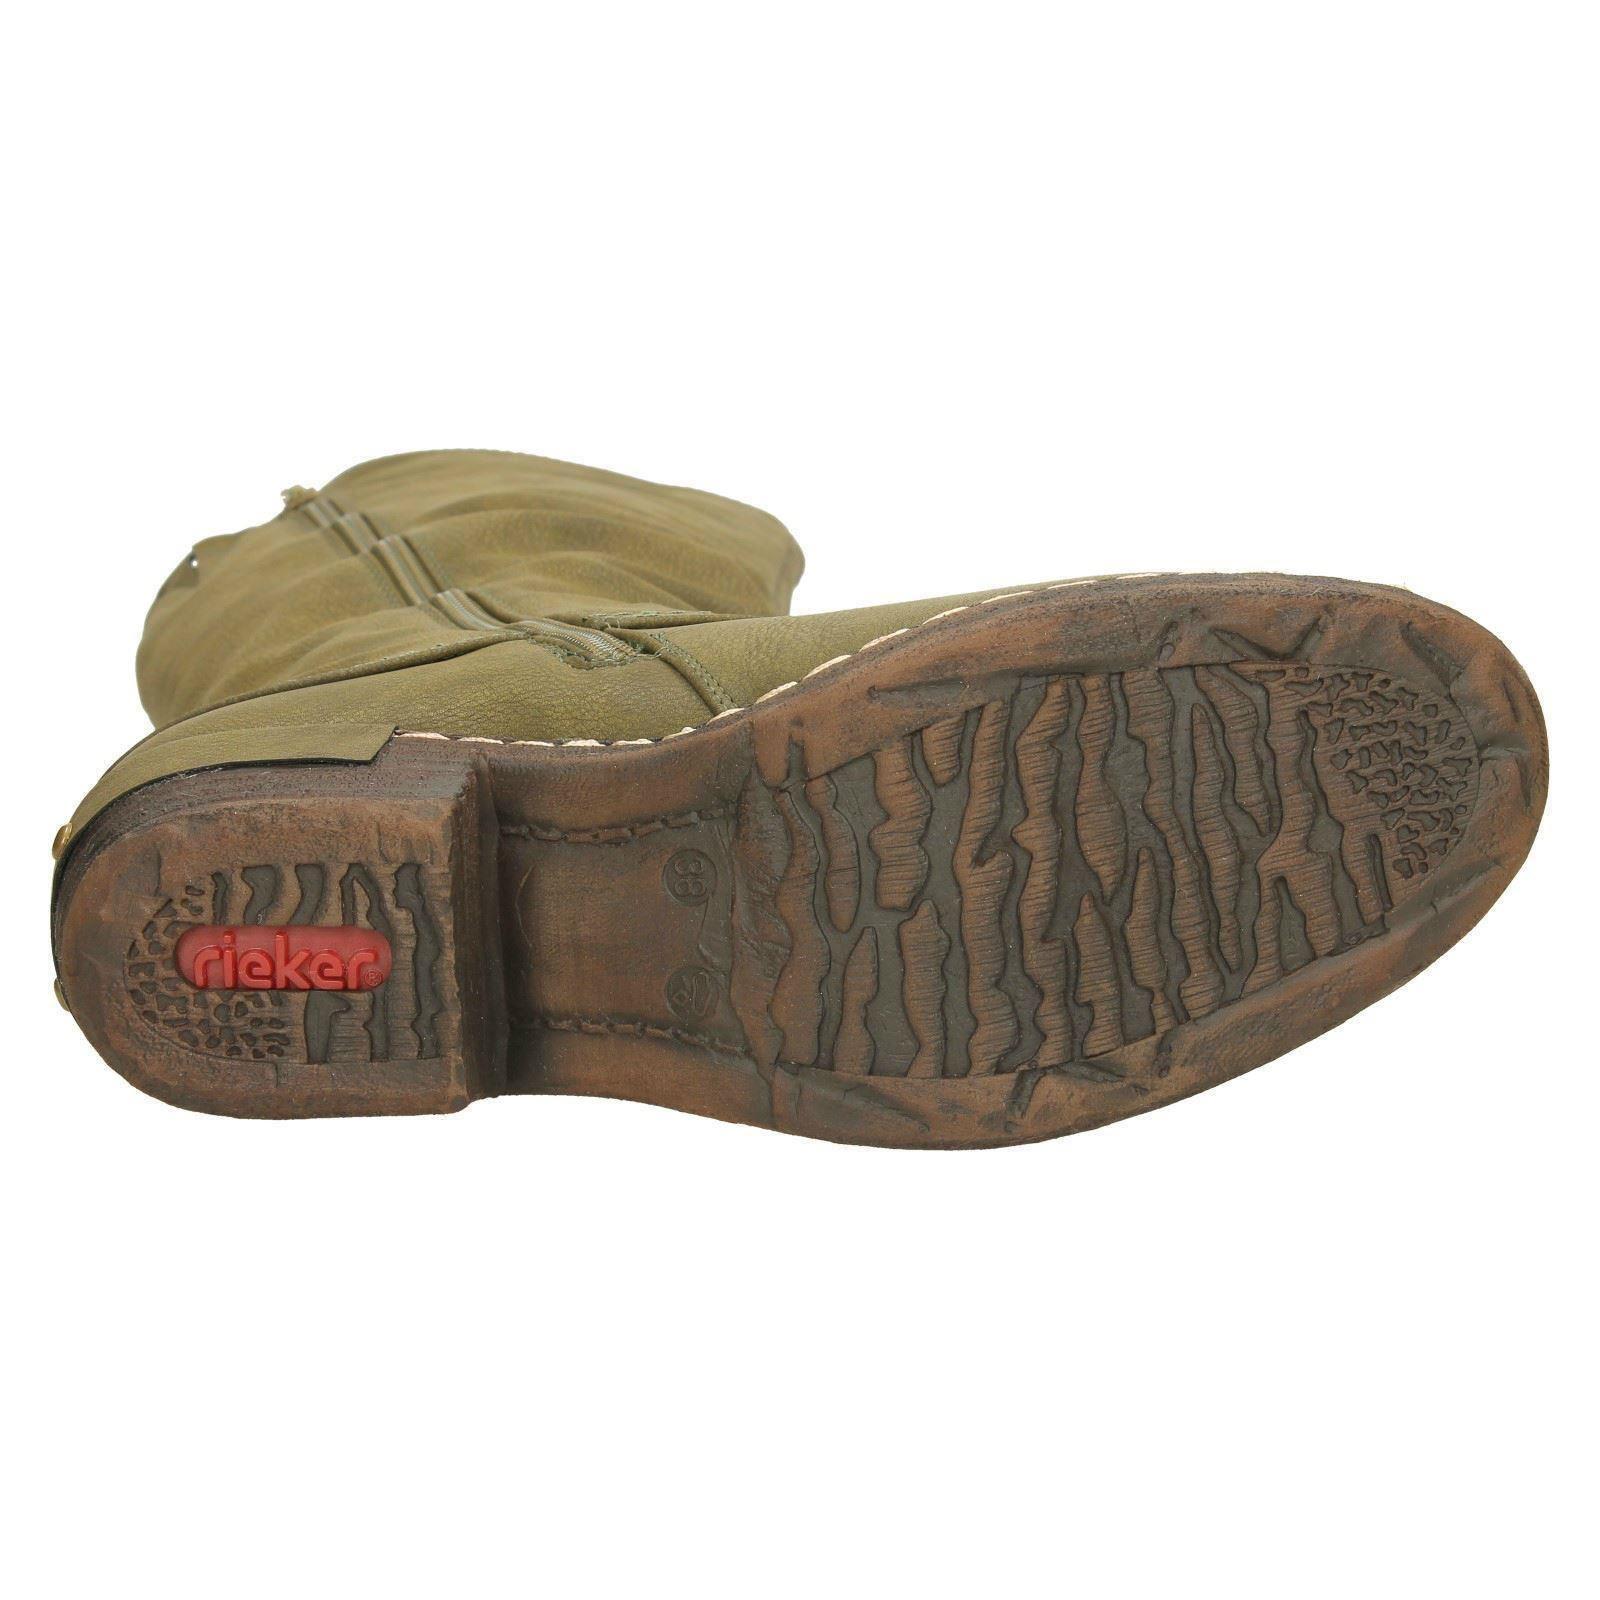 Rieker botas Hasta La Rodilla Casual Casual Rodilla de Damas 93655 c82d1c